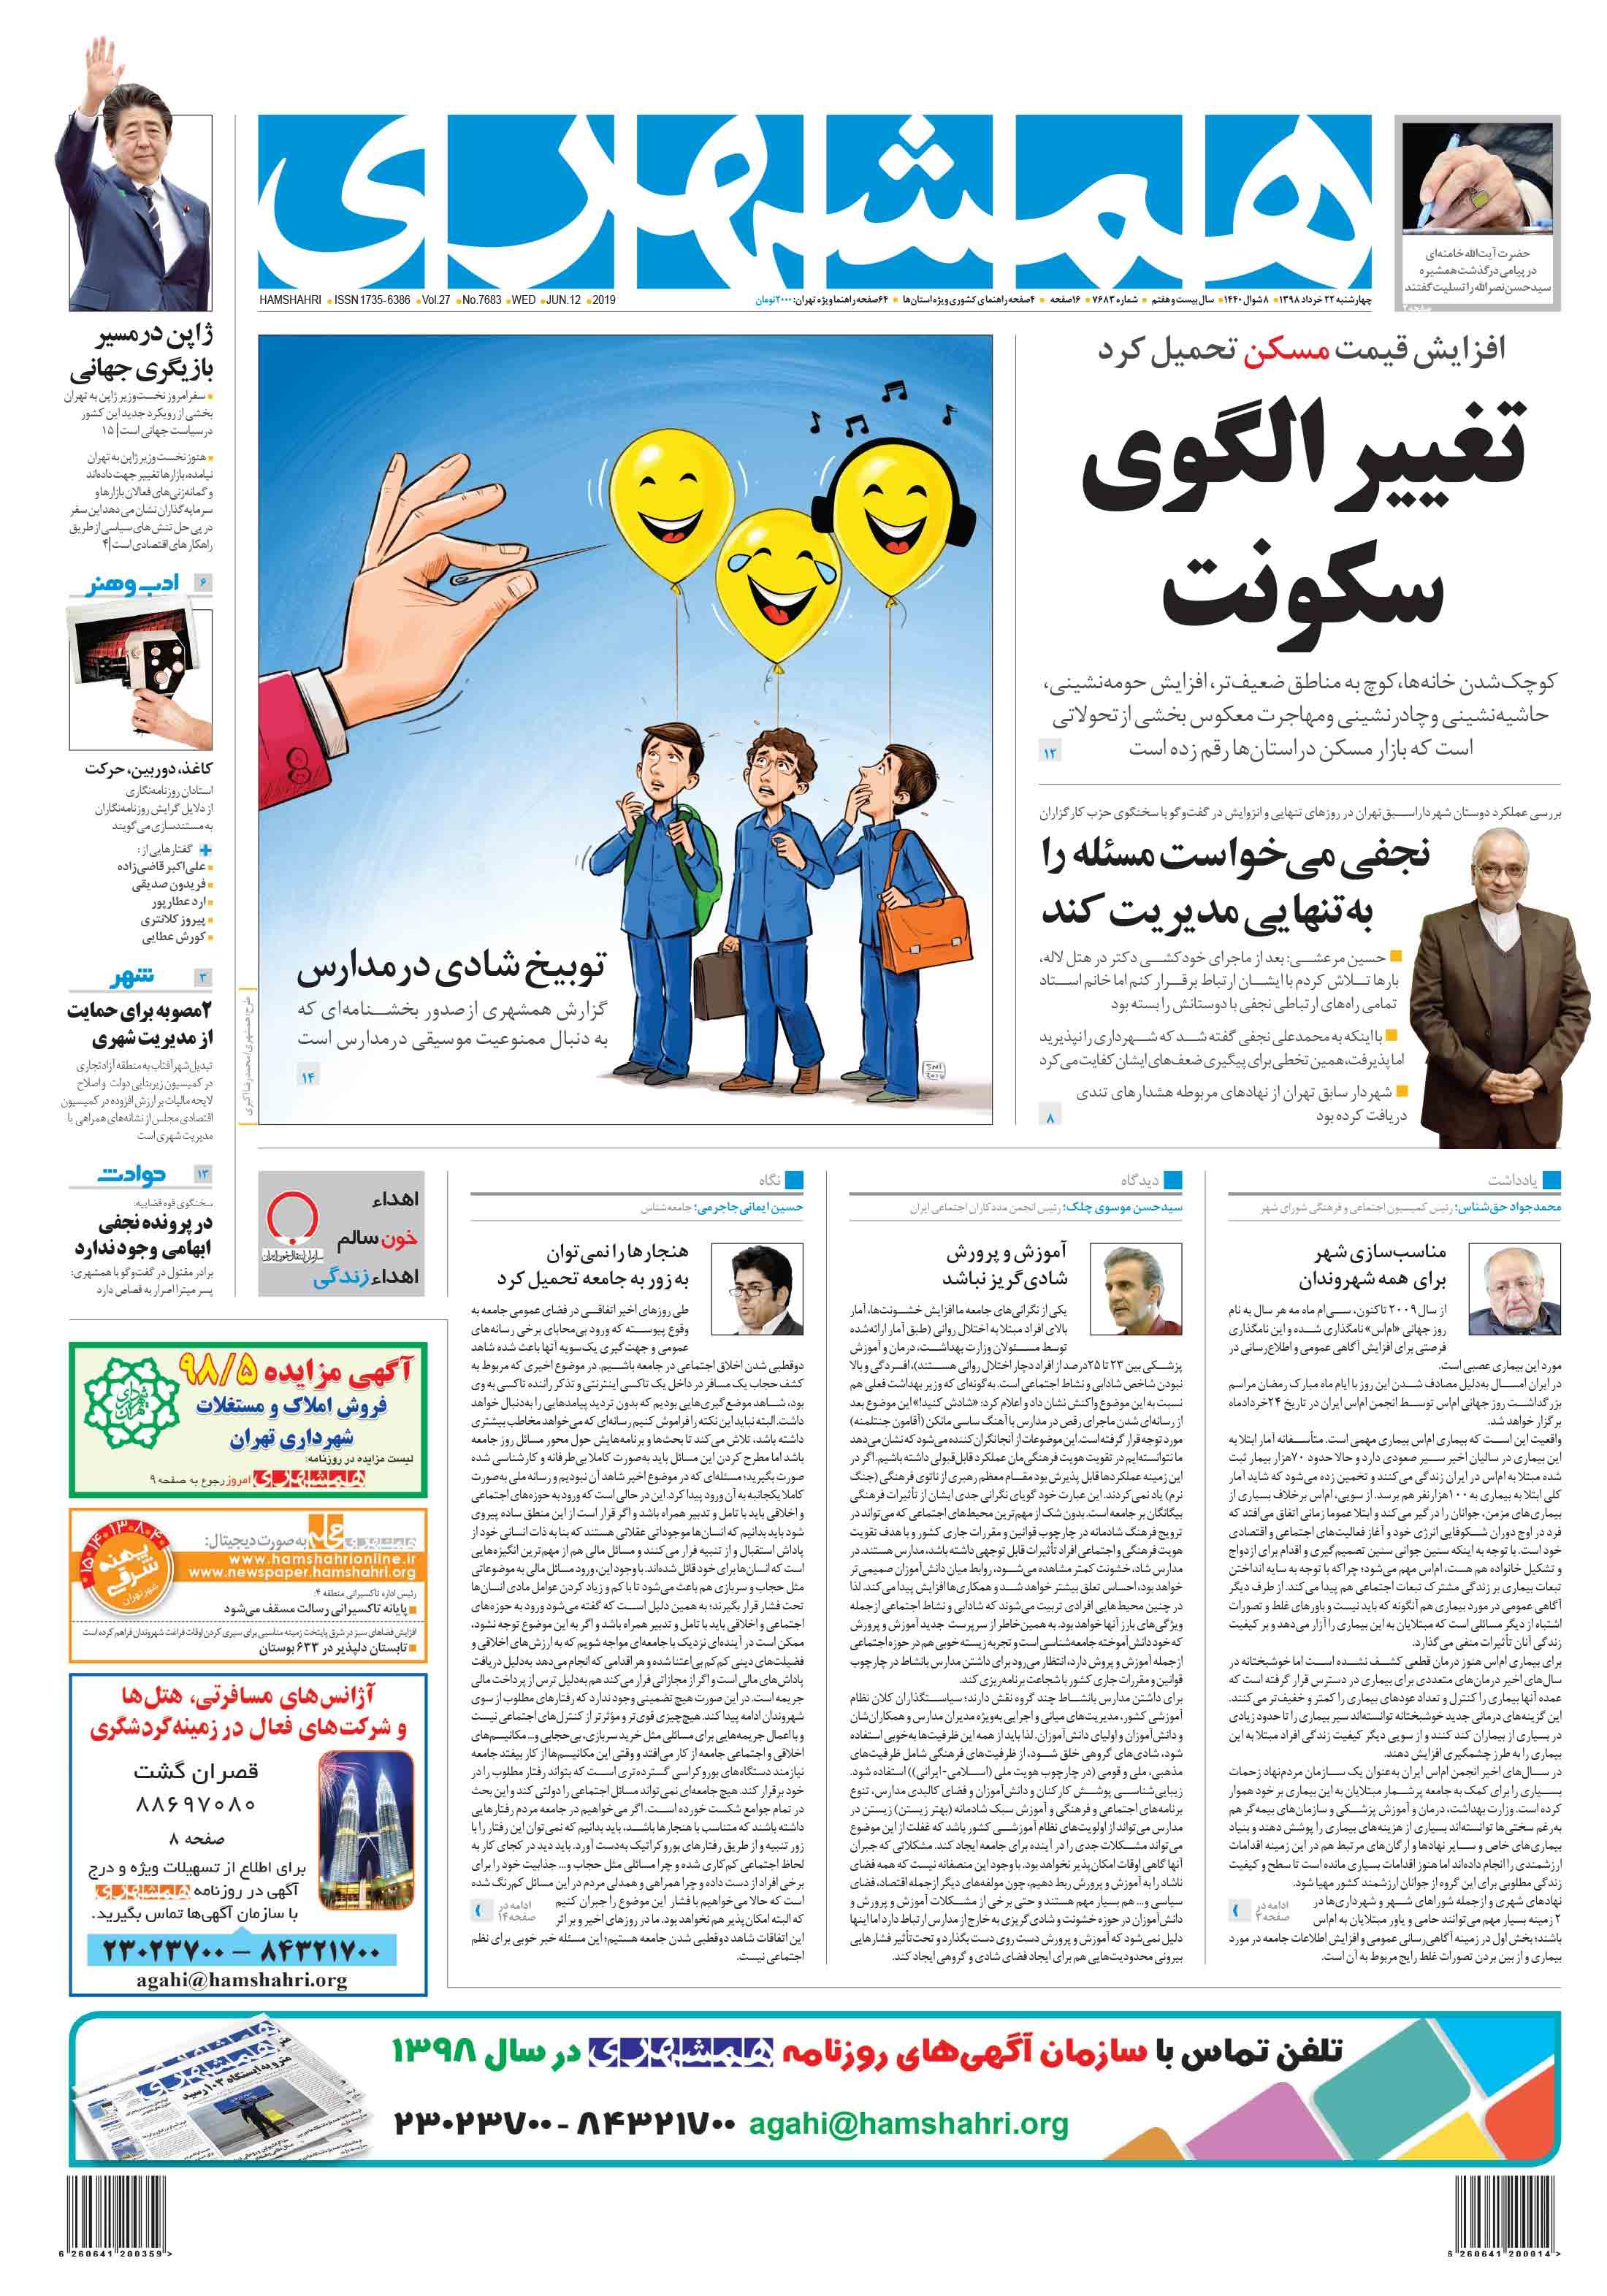 صفحه اول چهارشنبه 22 خرداد 1398